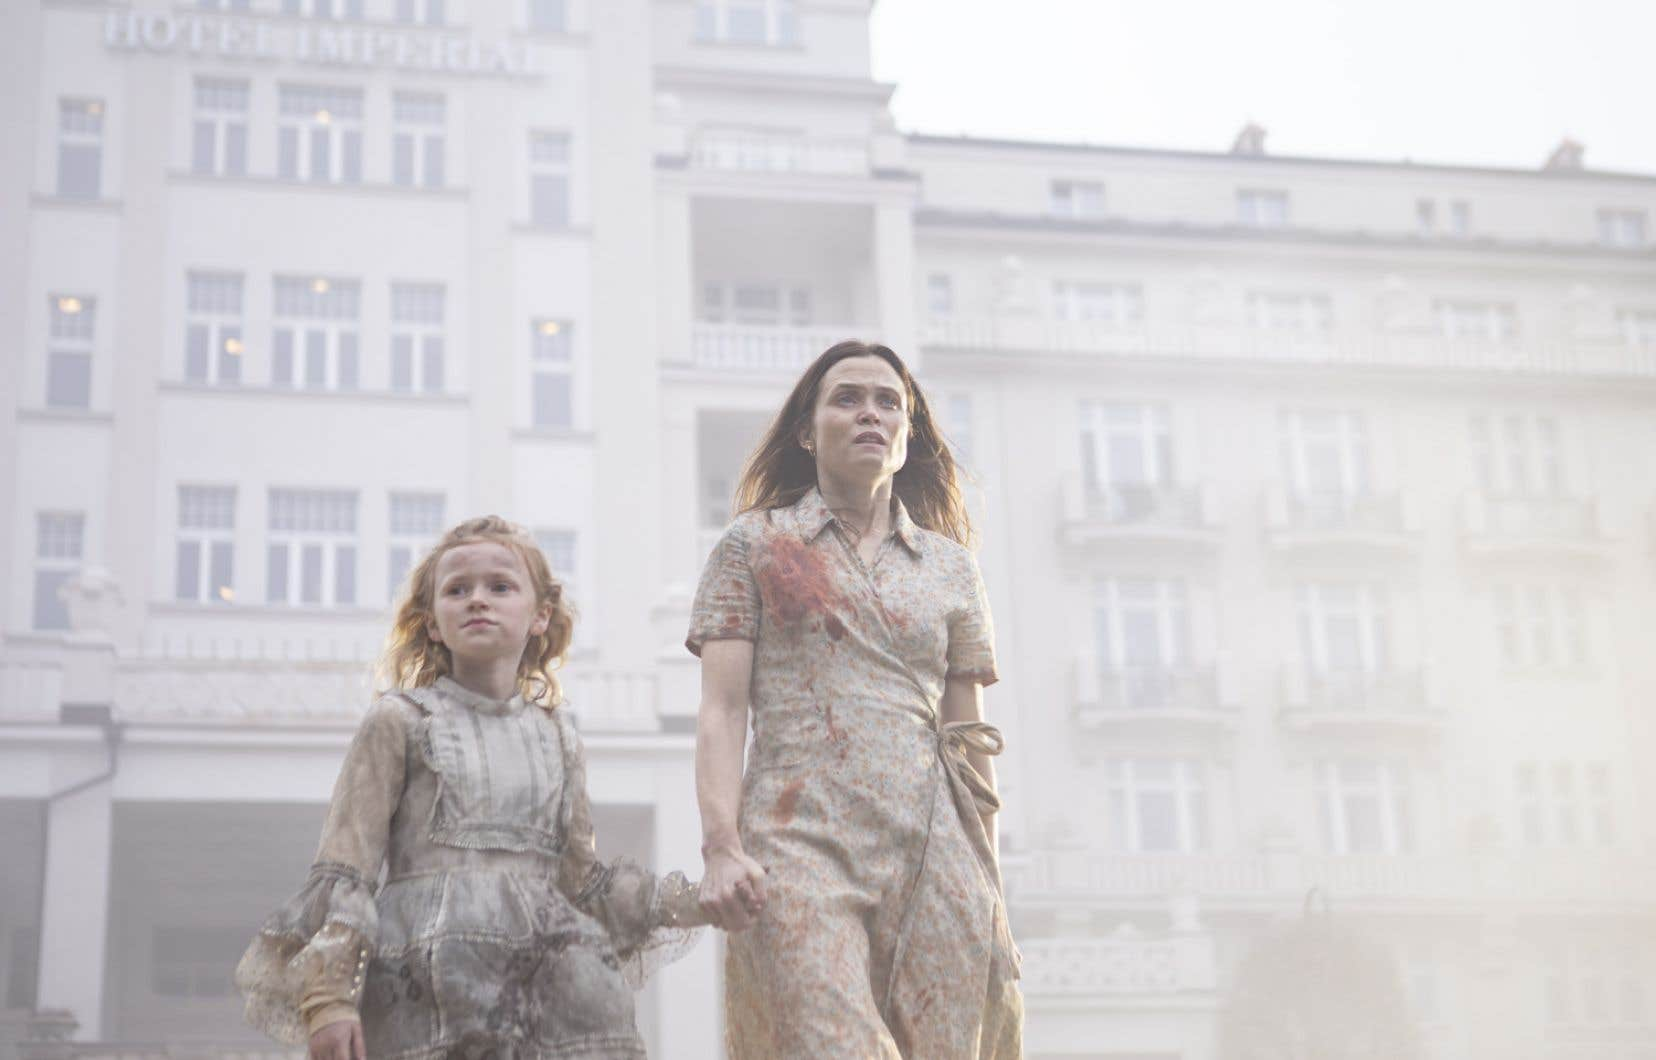 «Kadaver» («Chair humaine»), premier long métrage du Norvégien Jarand Herdal, se déroule dans un monde postapocalyptique dévasté. Tout un chacun fait ce qu'il peut pour subsister.